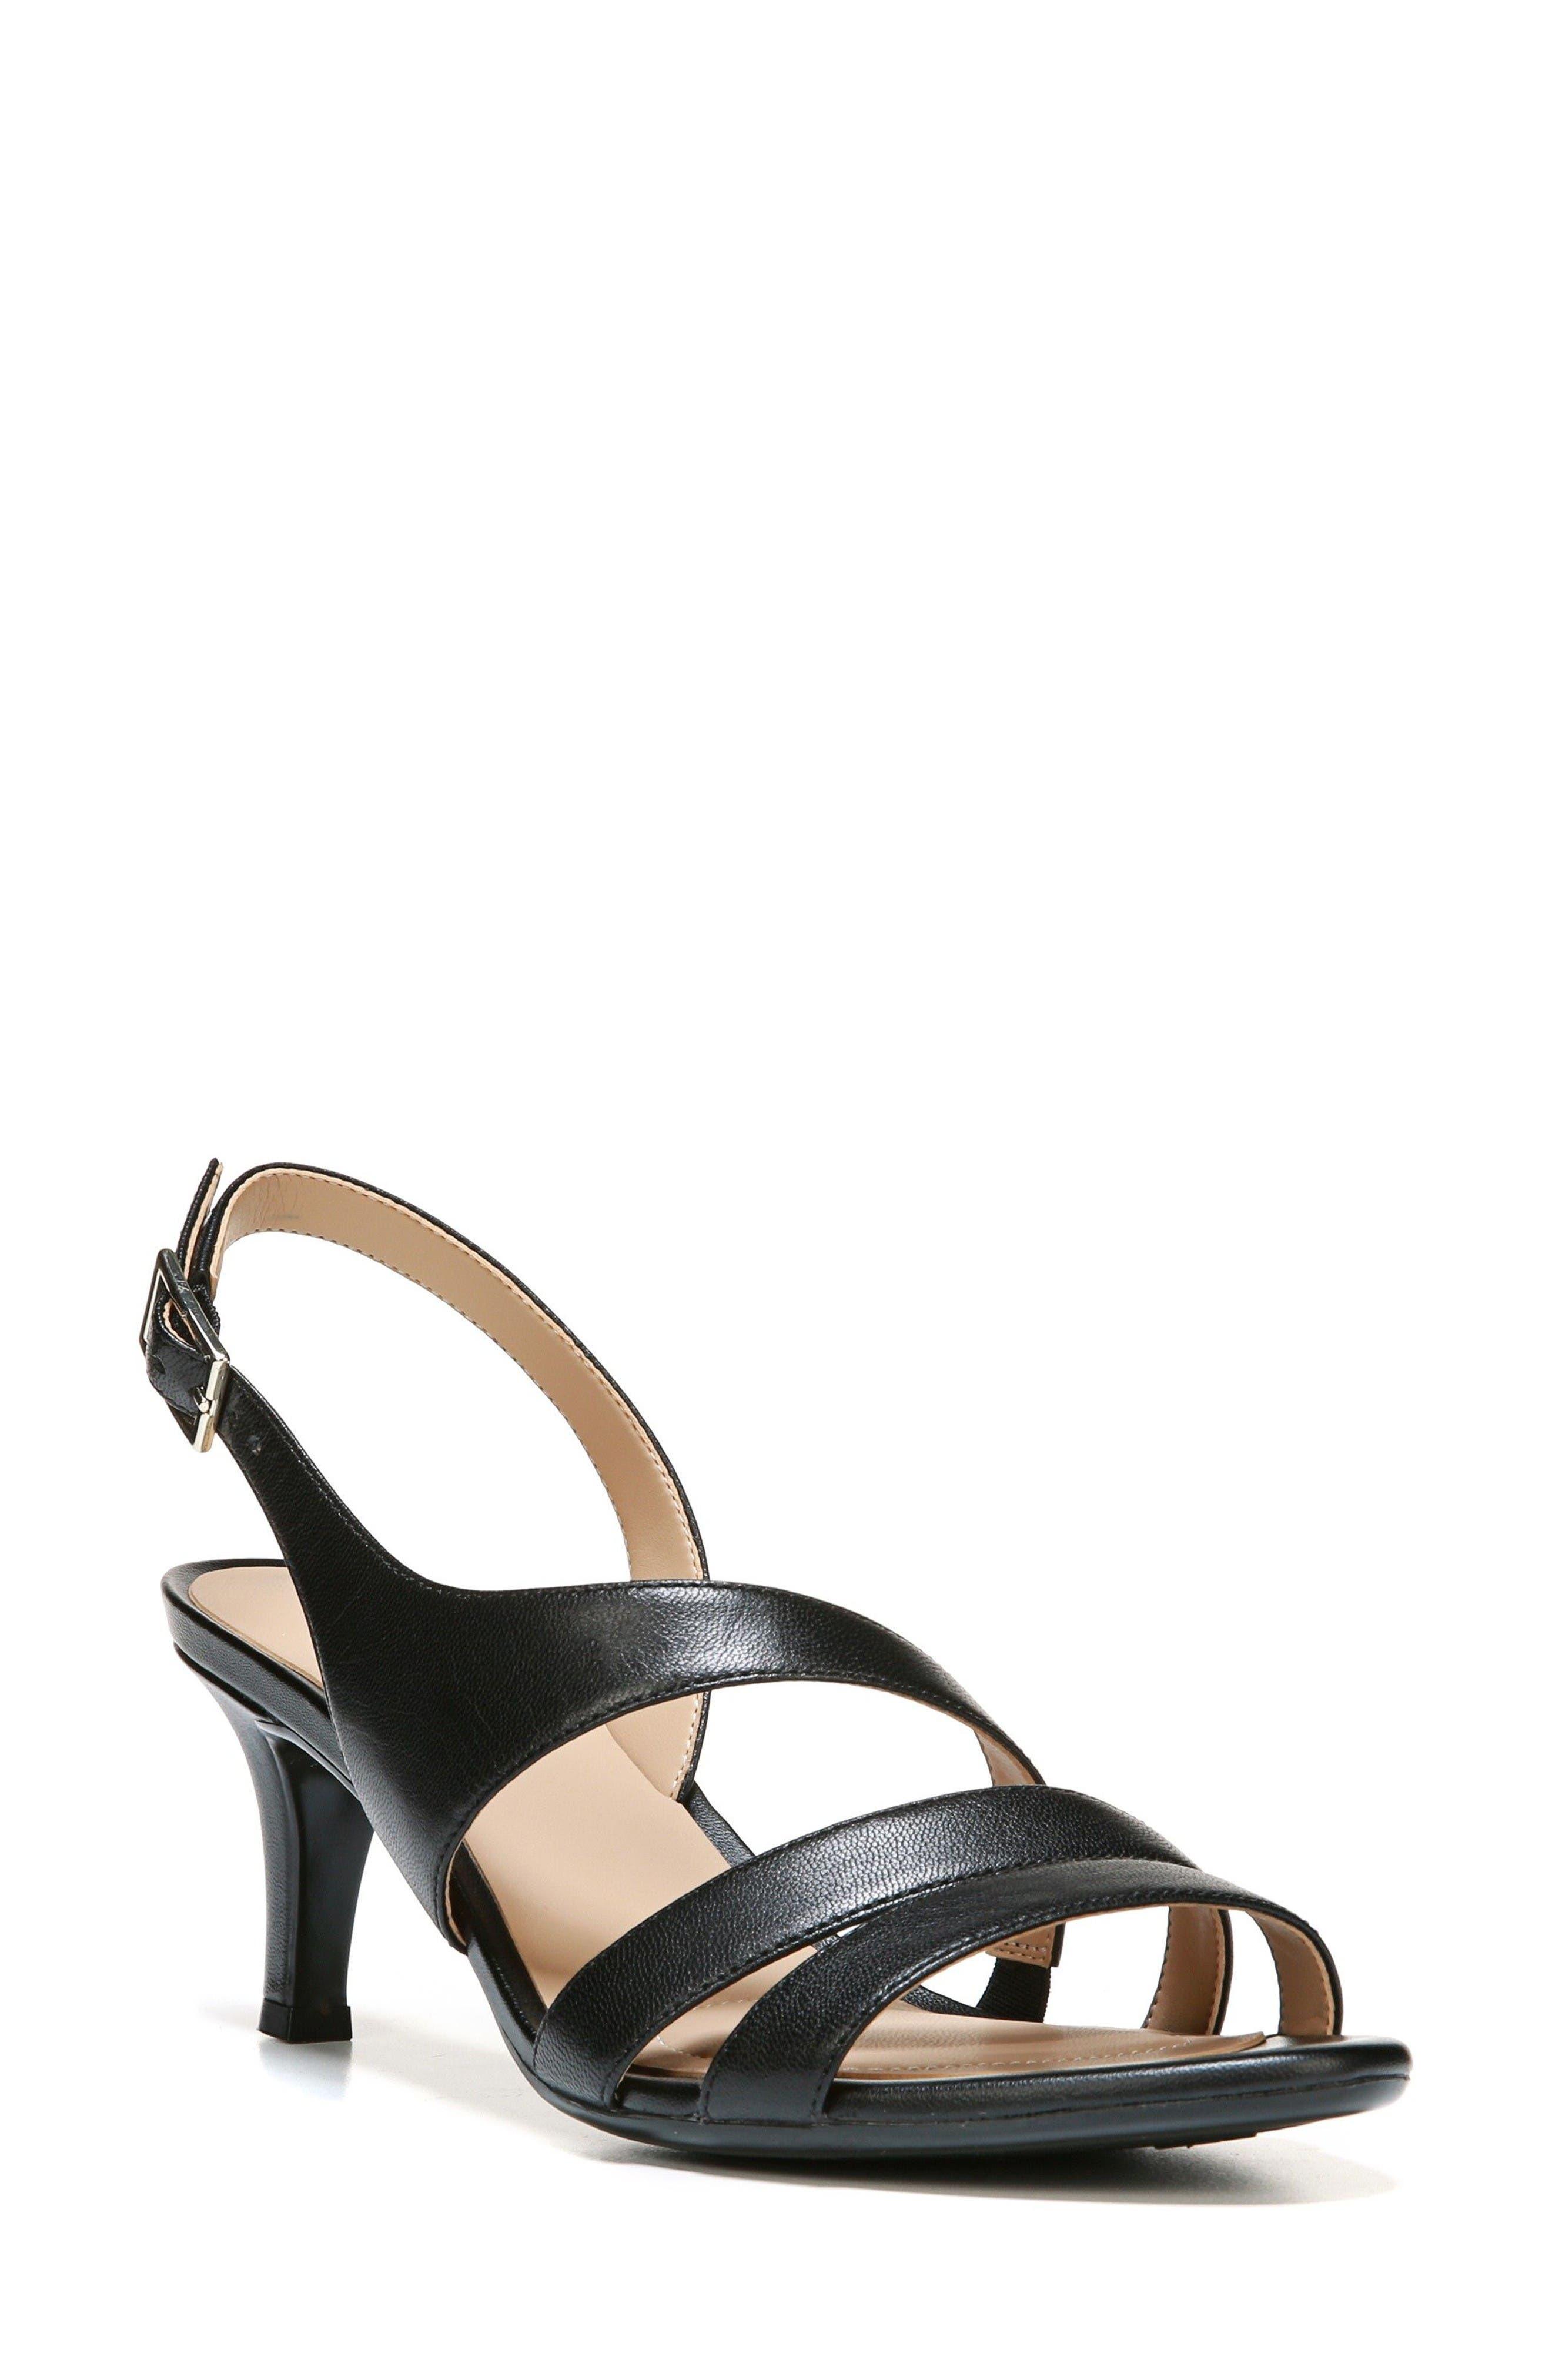 Taimi Sandal,                         Main,                         color, Black Leather